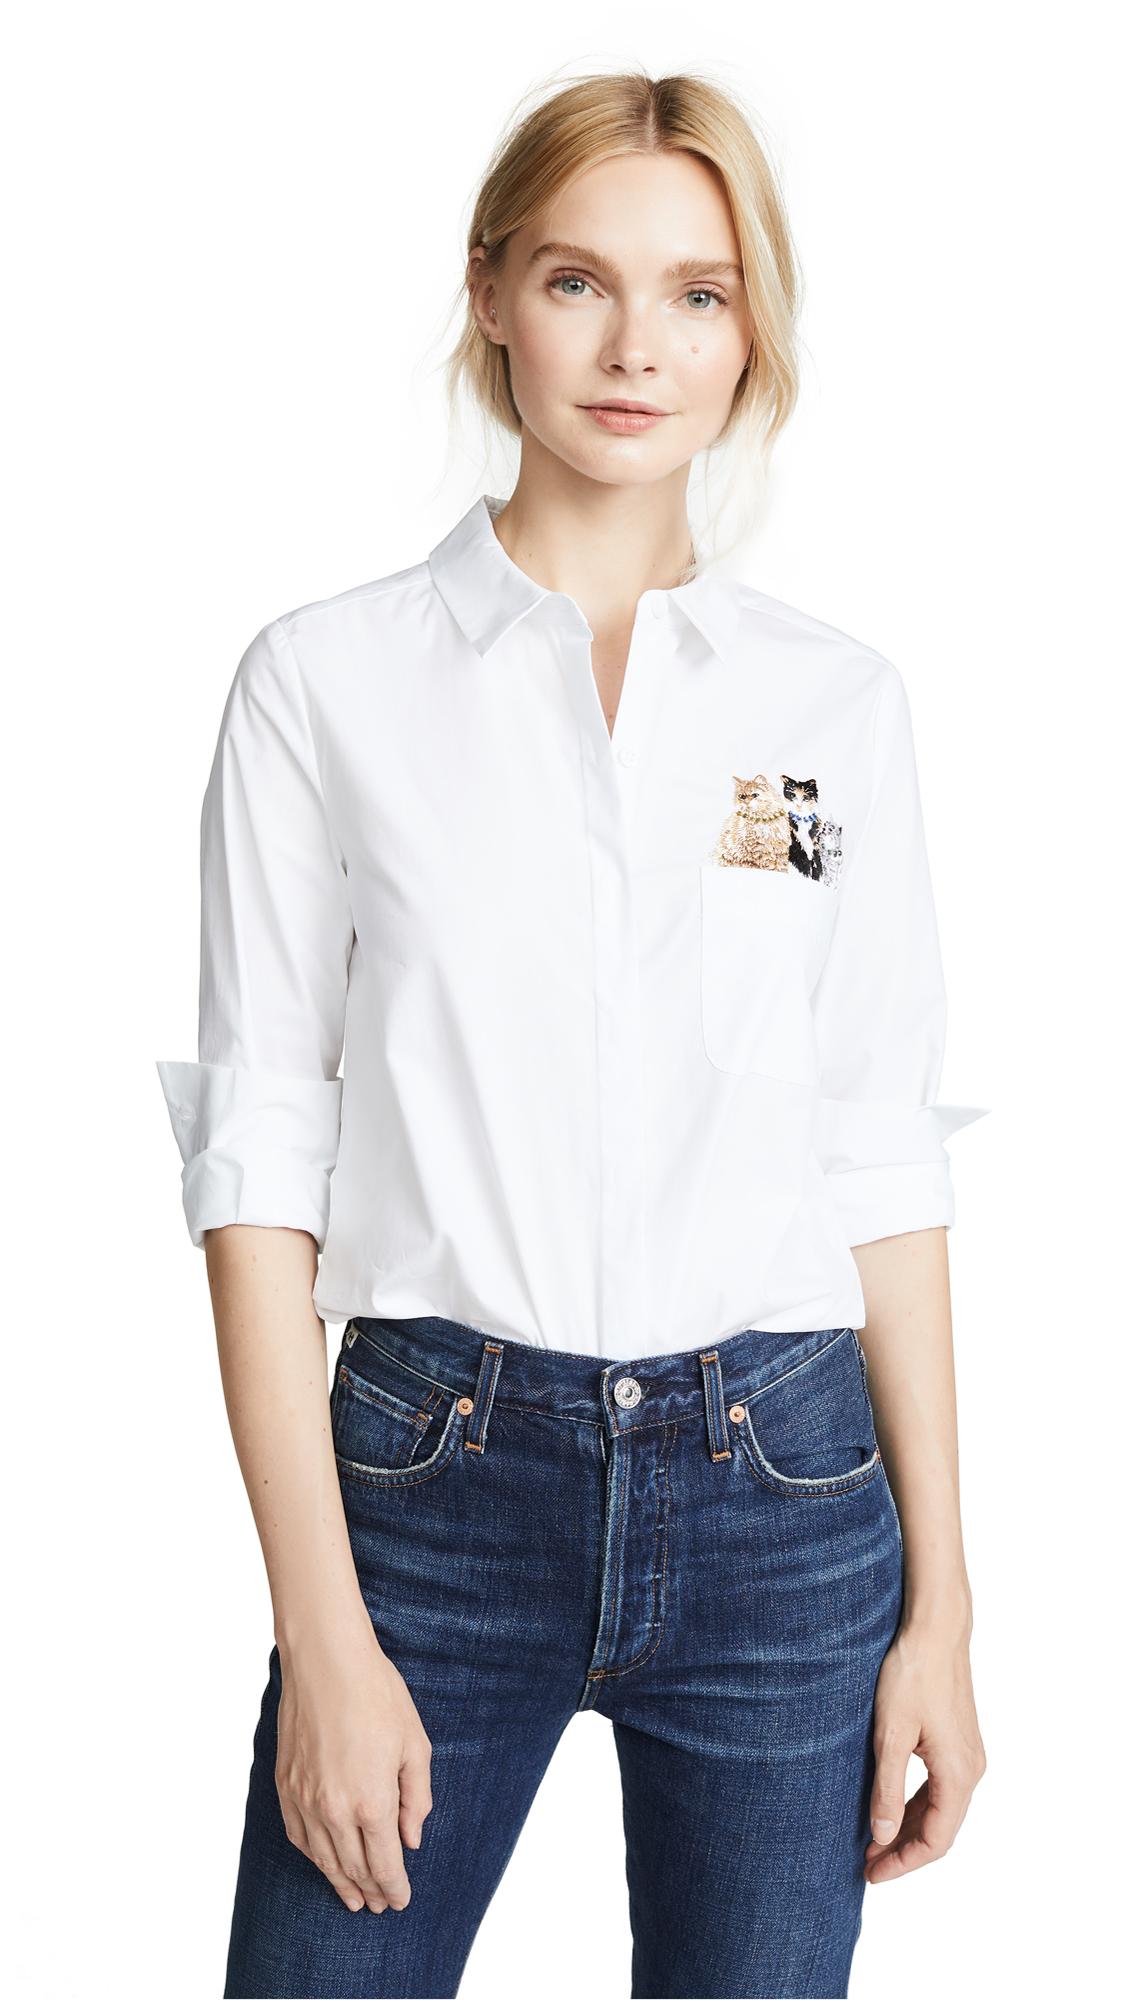 Paul & Joe Sister Chouchou Button Down Shirt In White